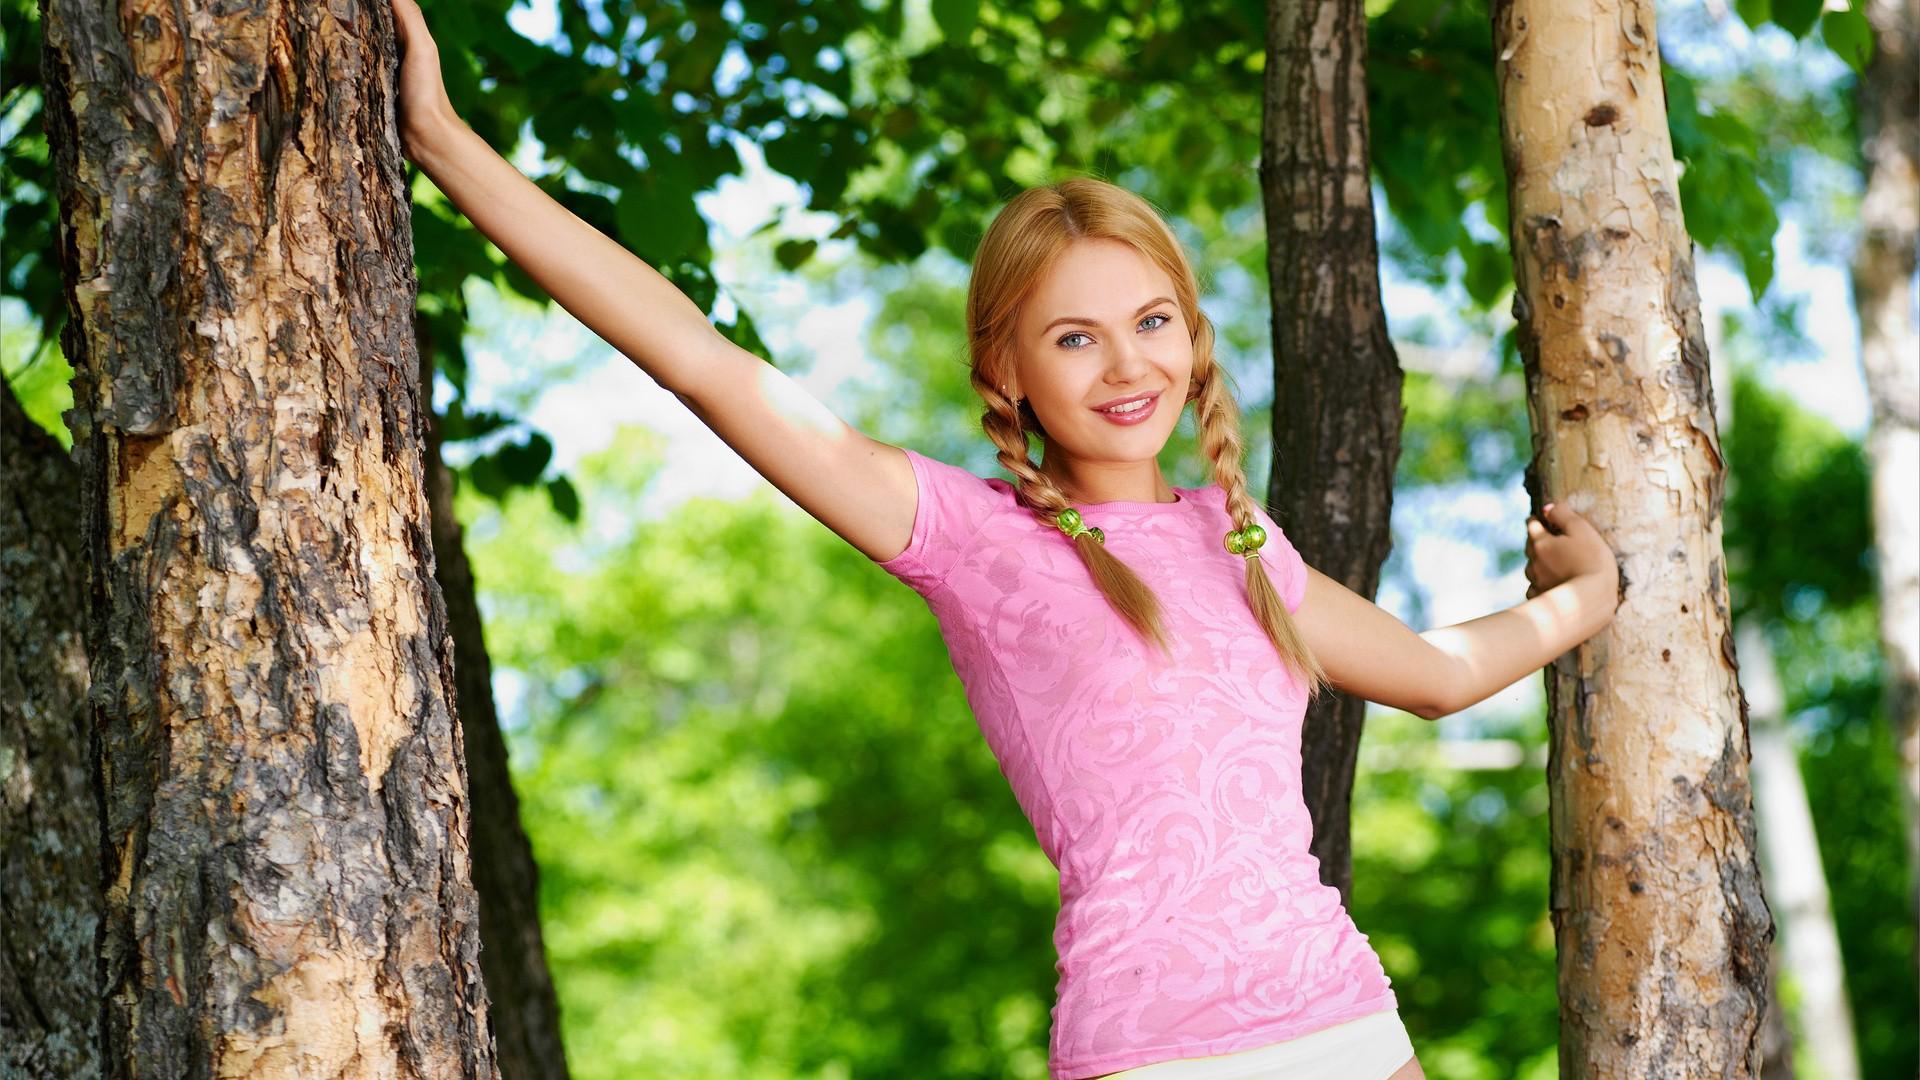 Фото картинки юных девочек